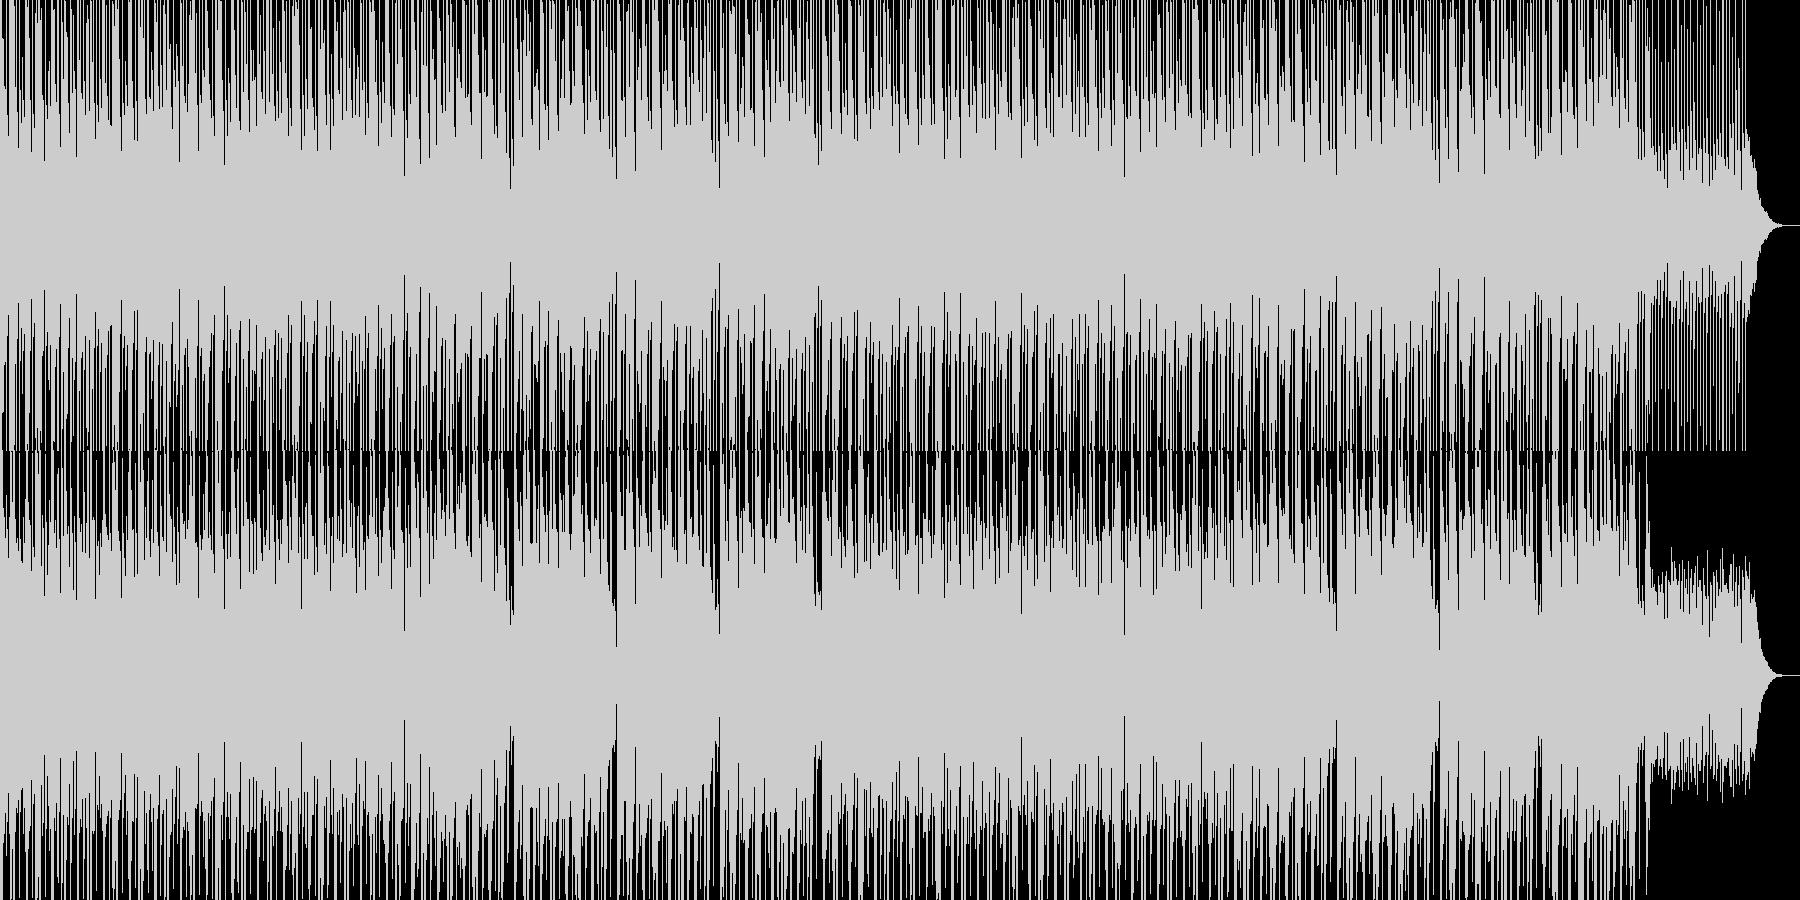 かわいい、ゆるい、コミカル-09の未再生の波形